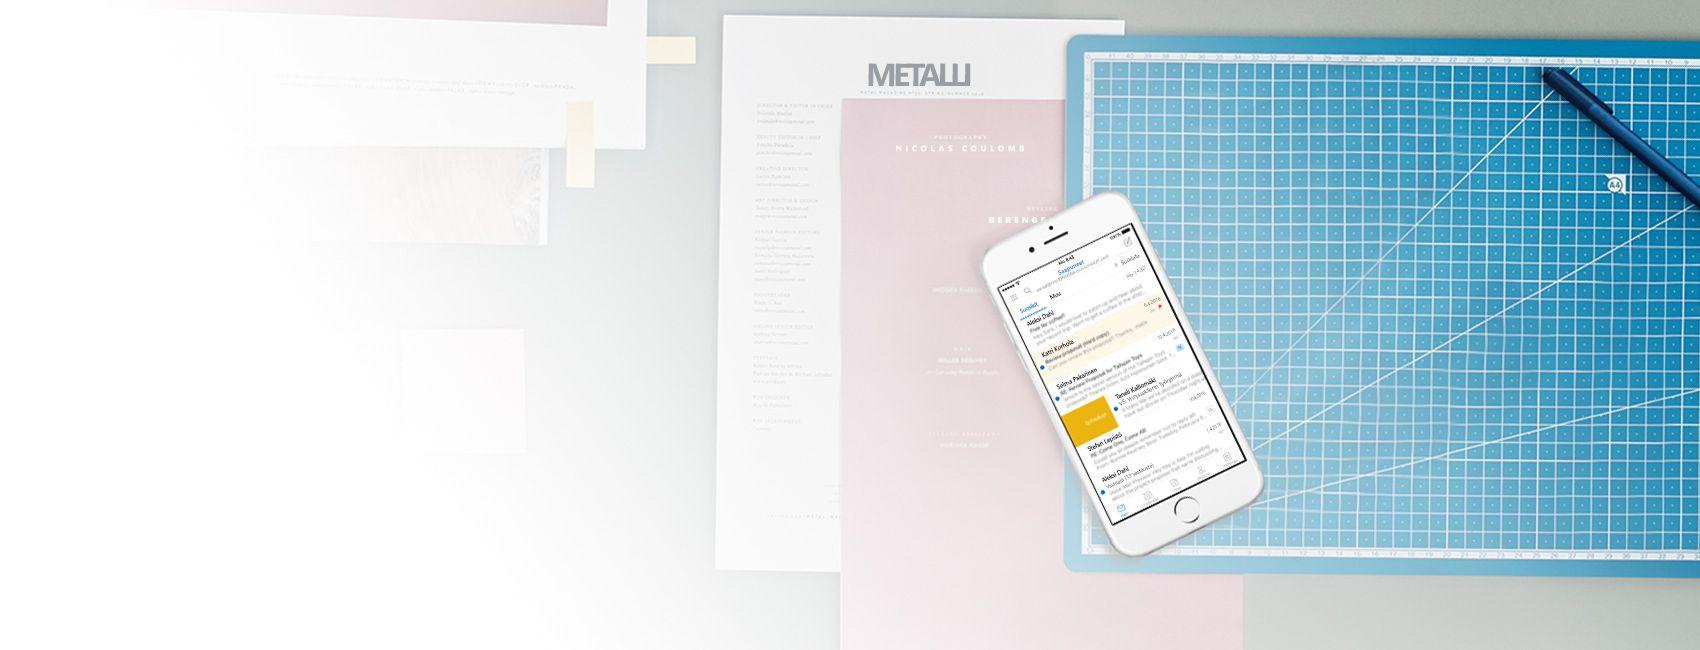 Puhelin, jossa näkyy sähköpostin Saapuneet-kansio Outlook-sovelluksessa